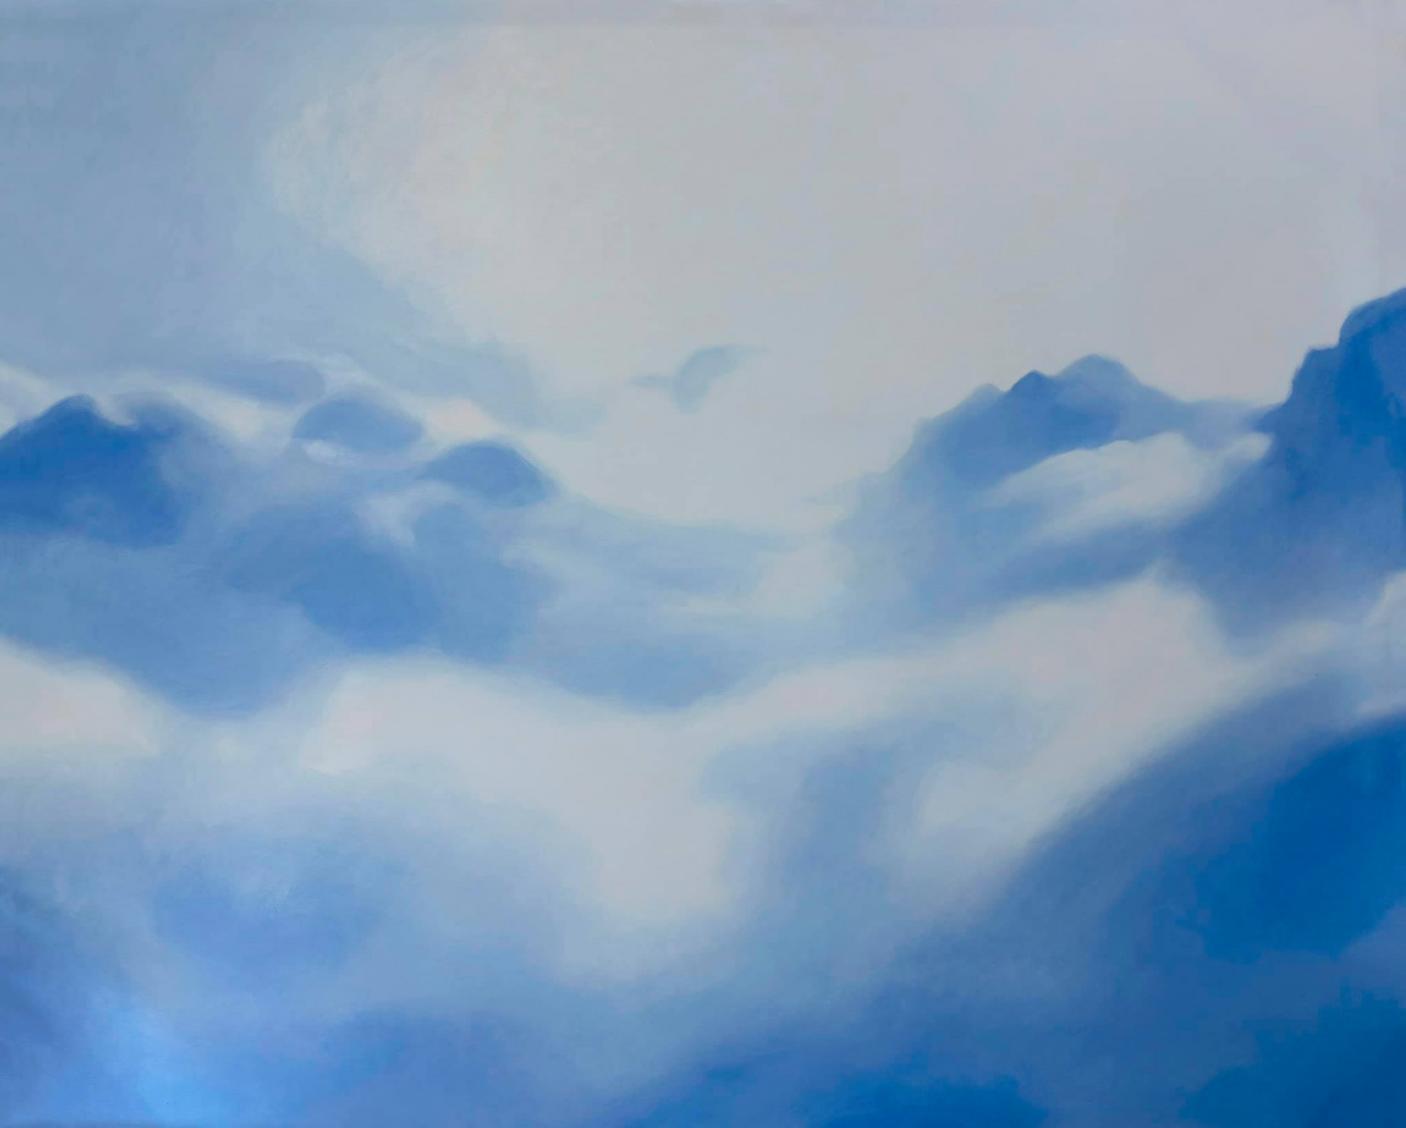 Bức Những ngày nhiều mây của họa sĩ Tia Thủy Nguyễn được mua với giá 450 triệu đồng